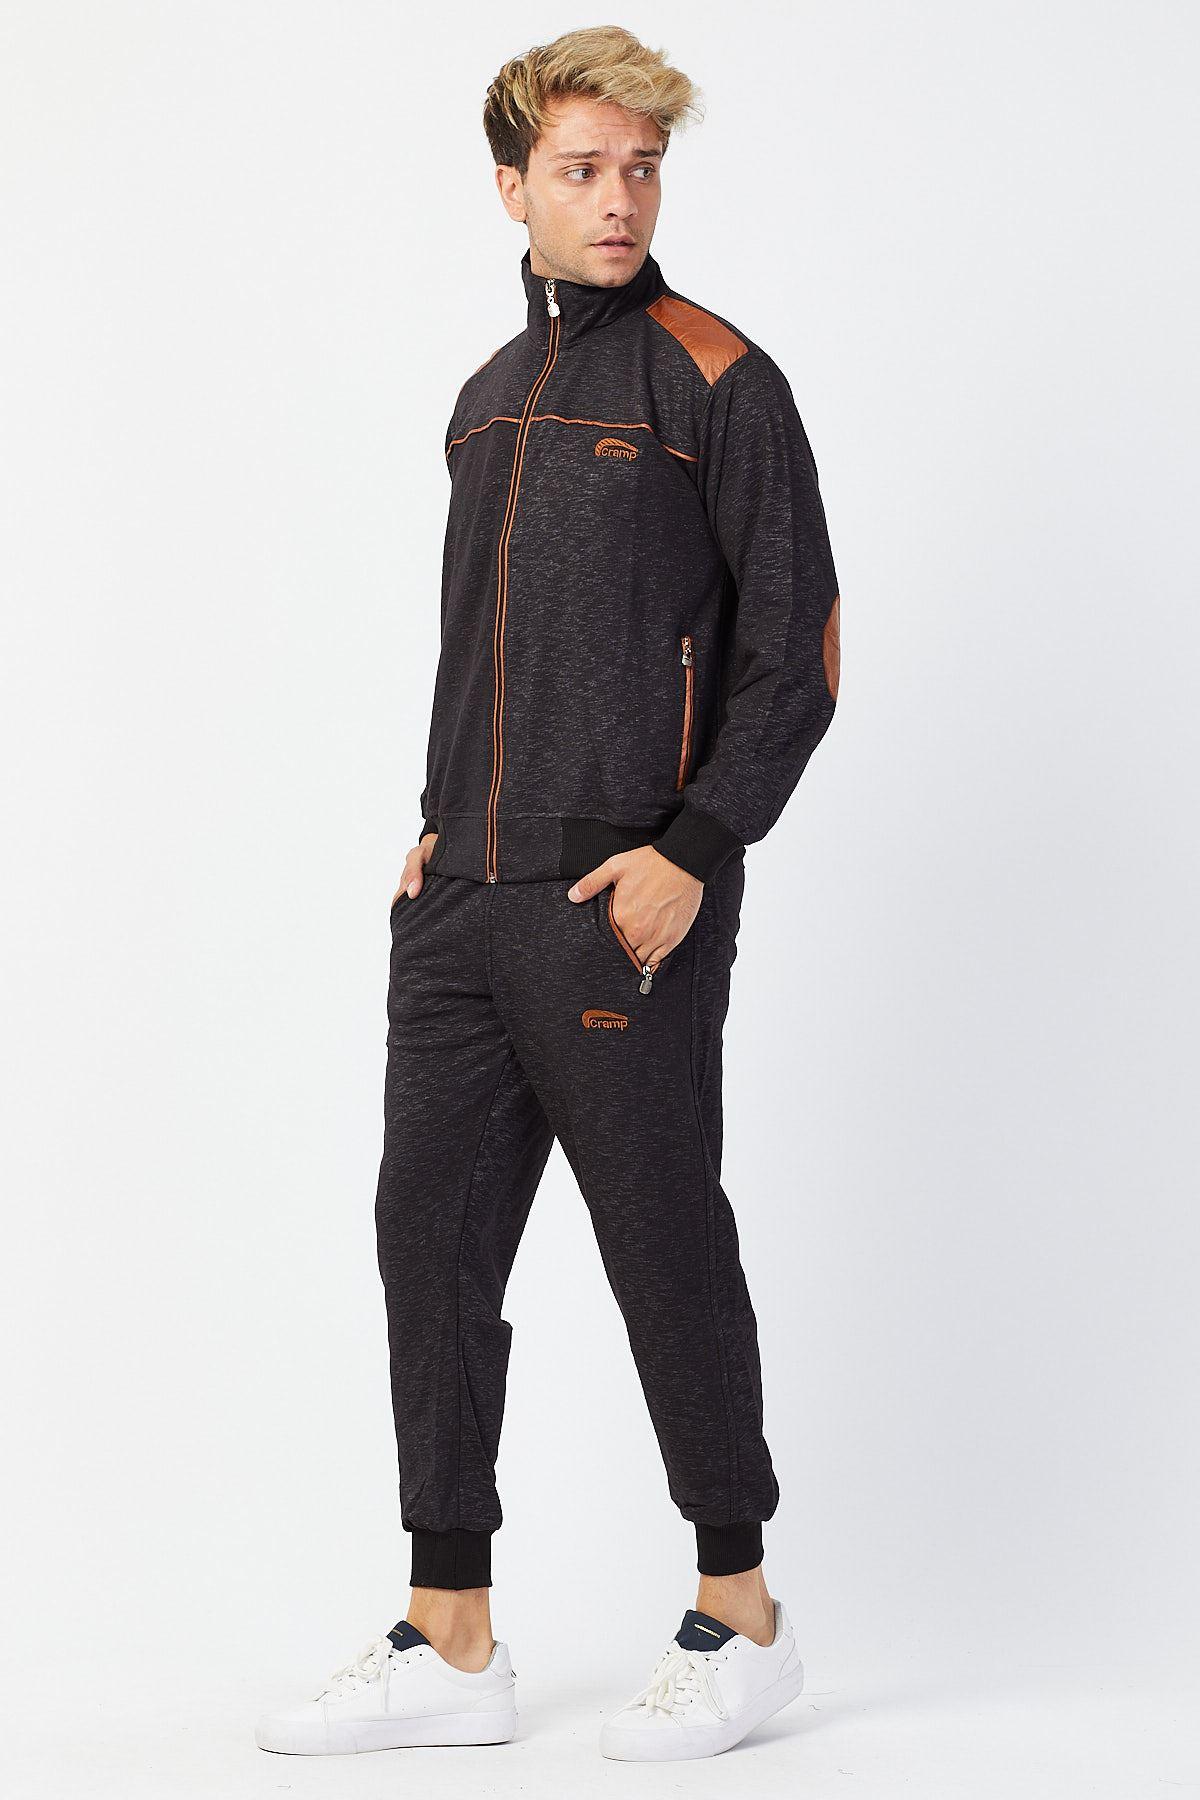 Koyu lacivert Erkek Beli Paçası Lastikli Detay Model Eşofman Takımı